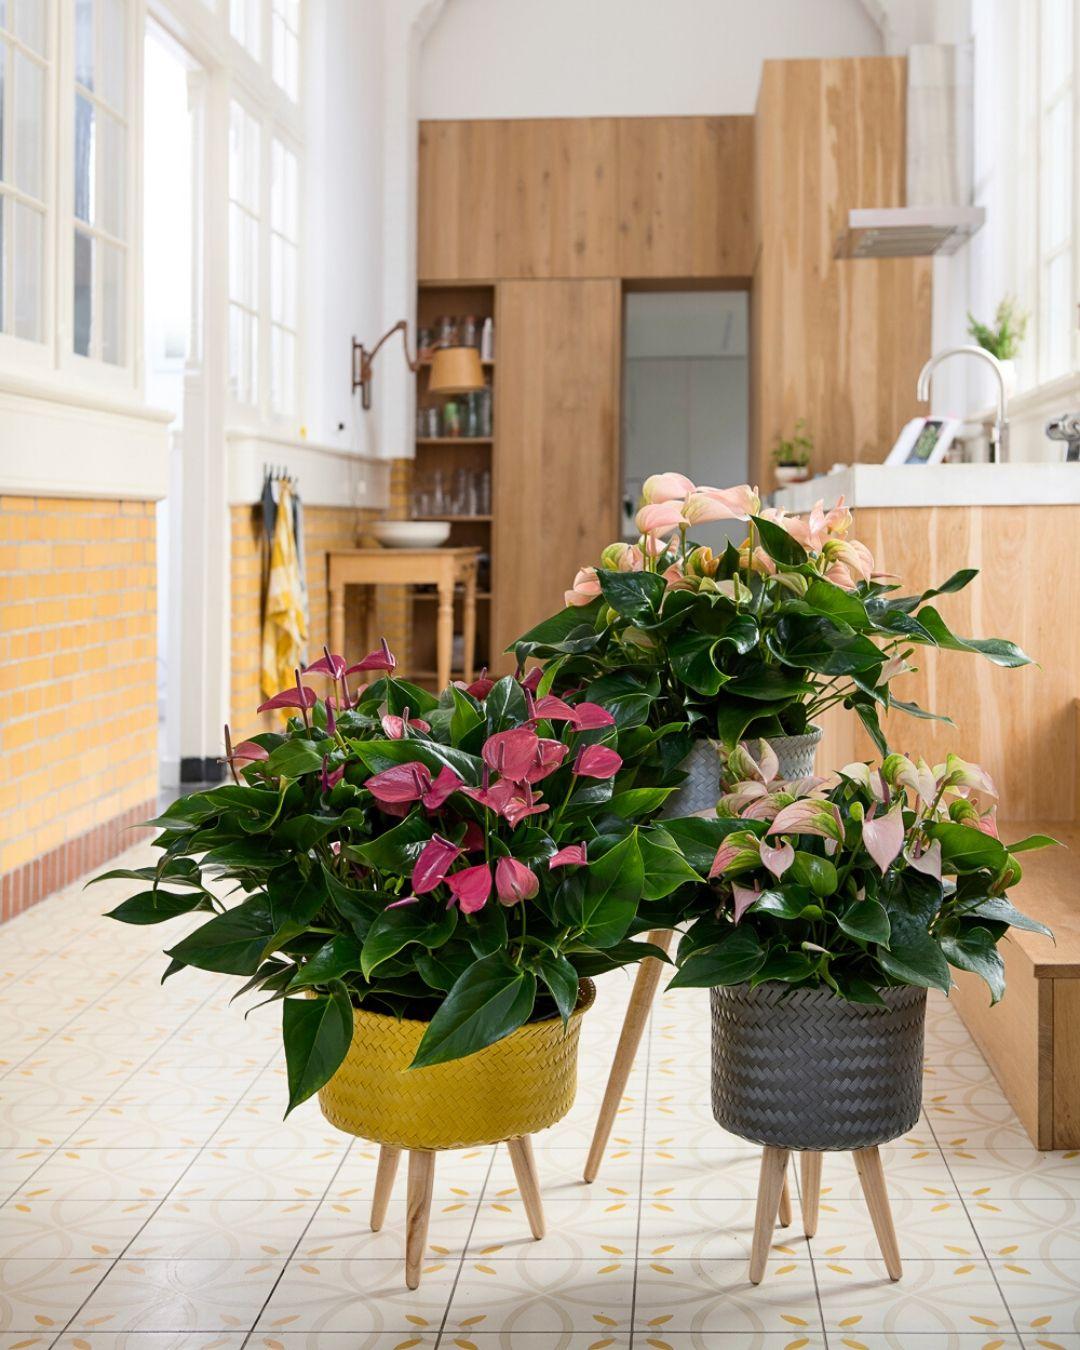 Die positive Wirkung von Pflanzen